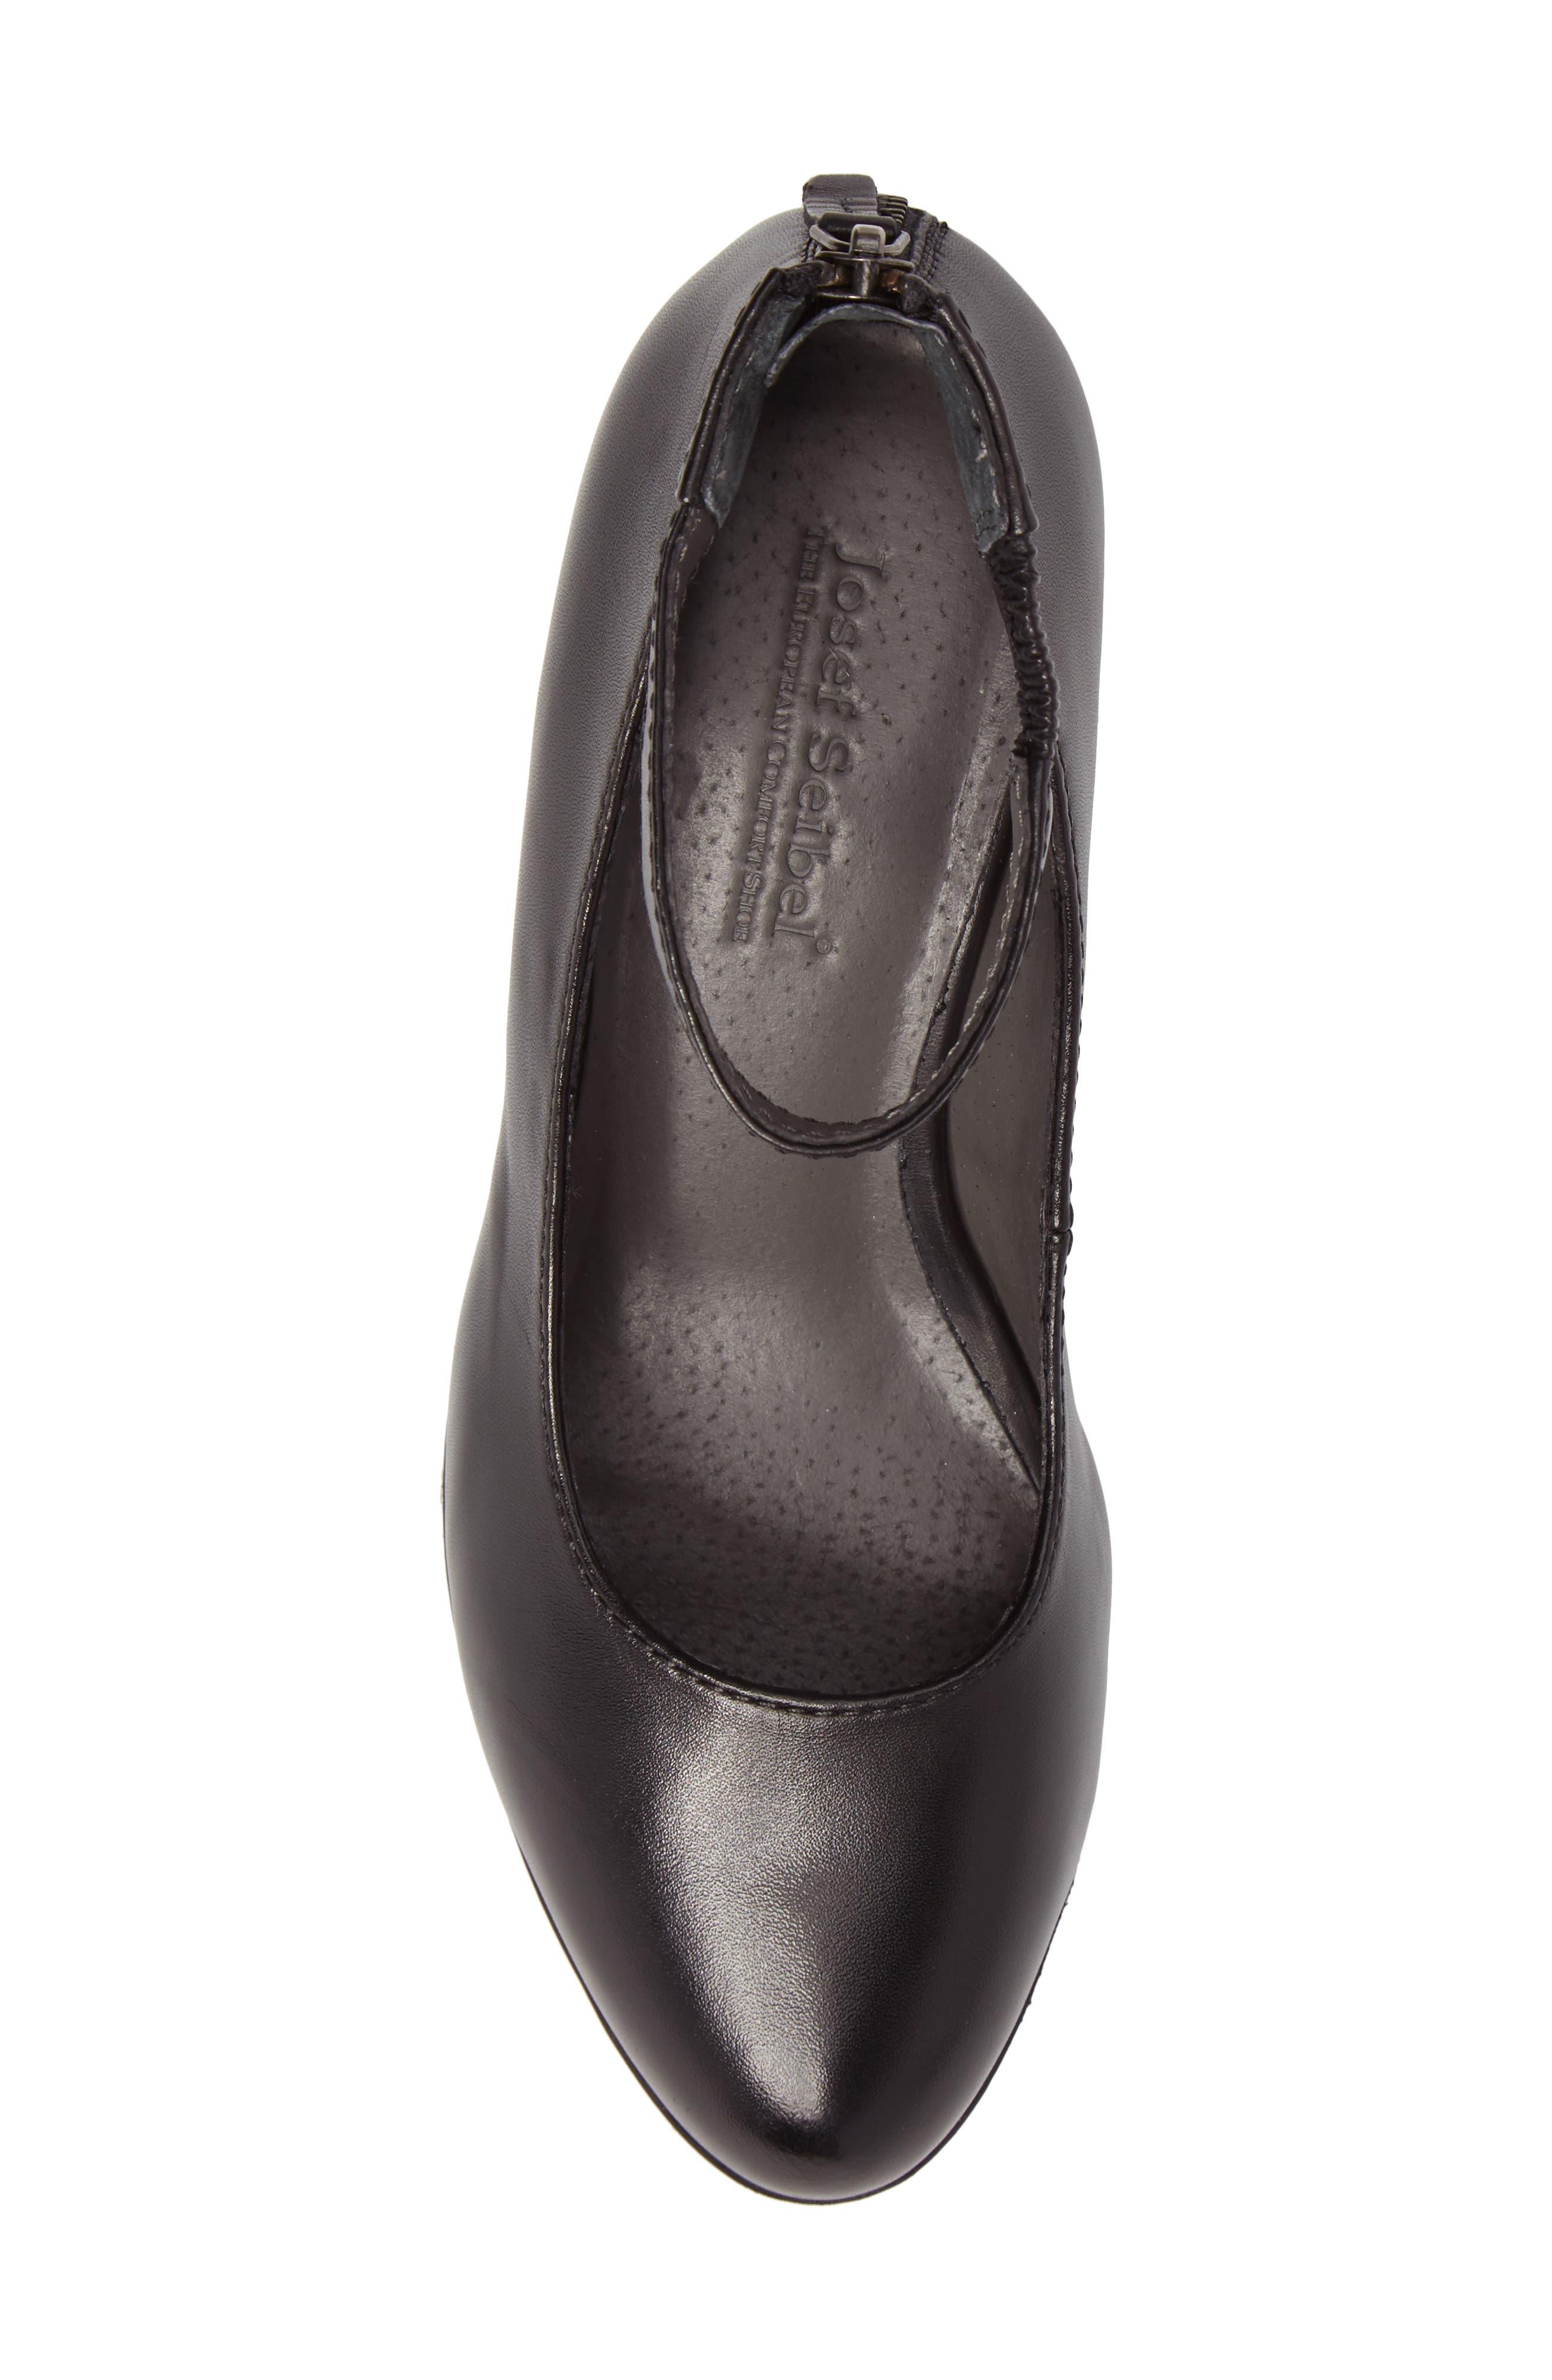 Sue 09 Ankle Strap Pump,                             Alternate thumbnail 5, color,                             Black Leather